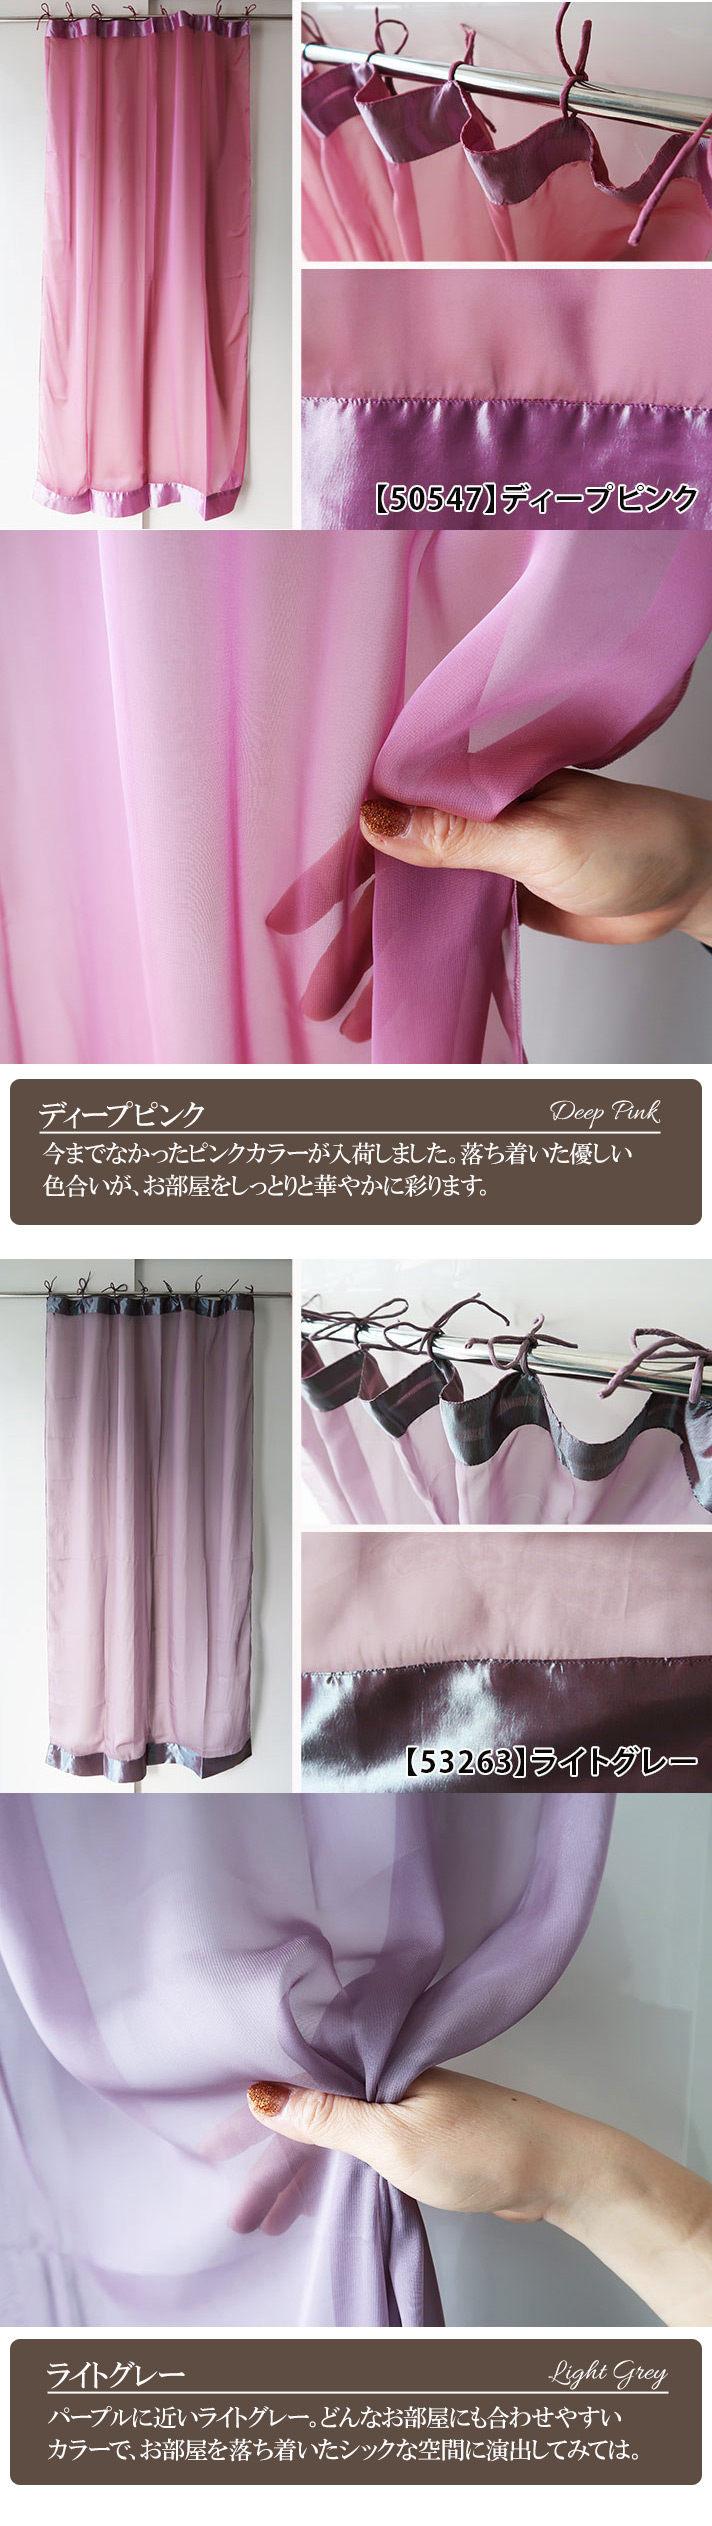 サテンを利用したカラフルなオーガンジーカーテン